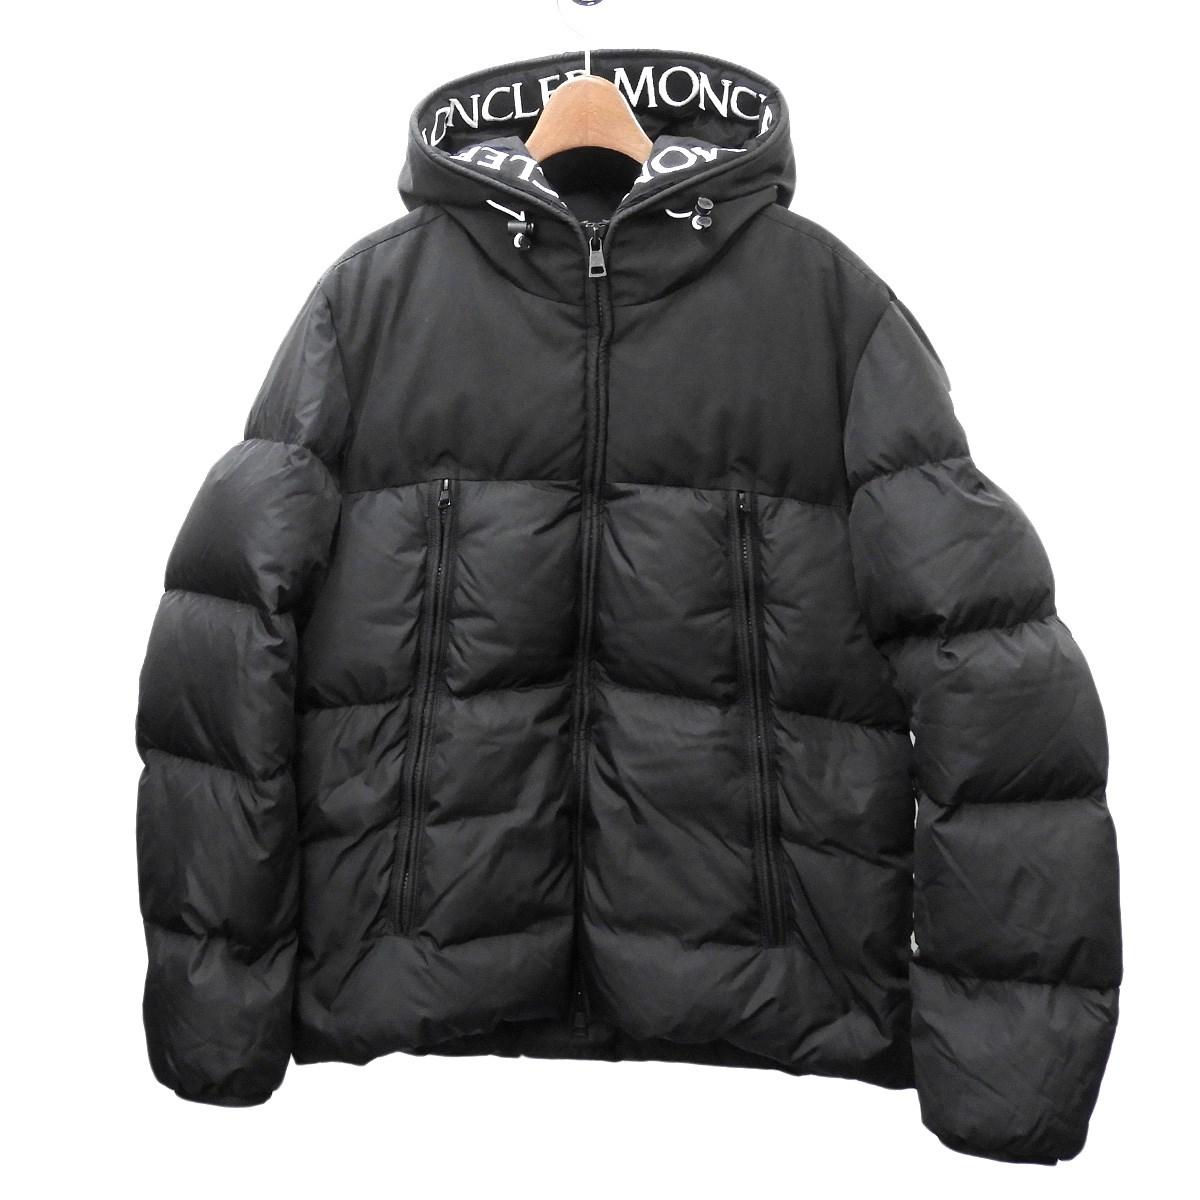 【中古】MONCLER 「MONCLAR」 ダウンジャケット ブラック サイズ:3 【090420】(モンクレール)